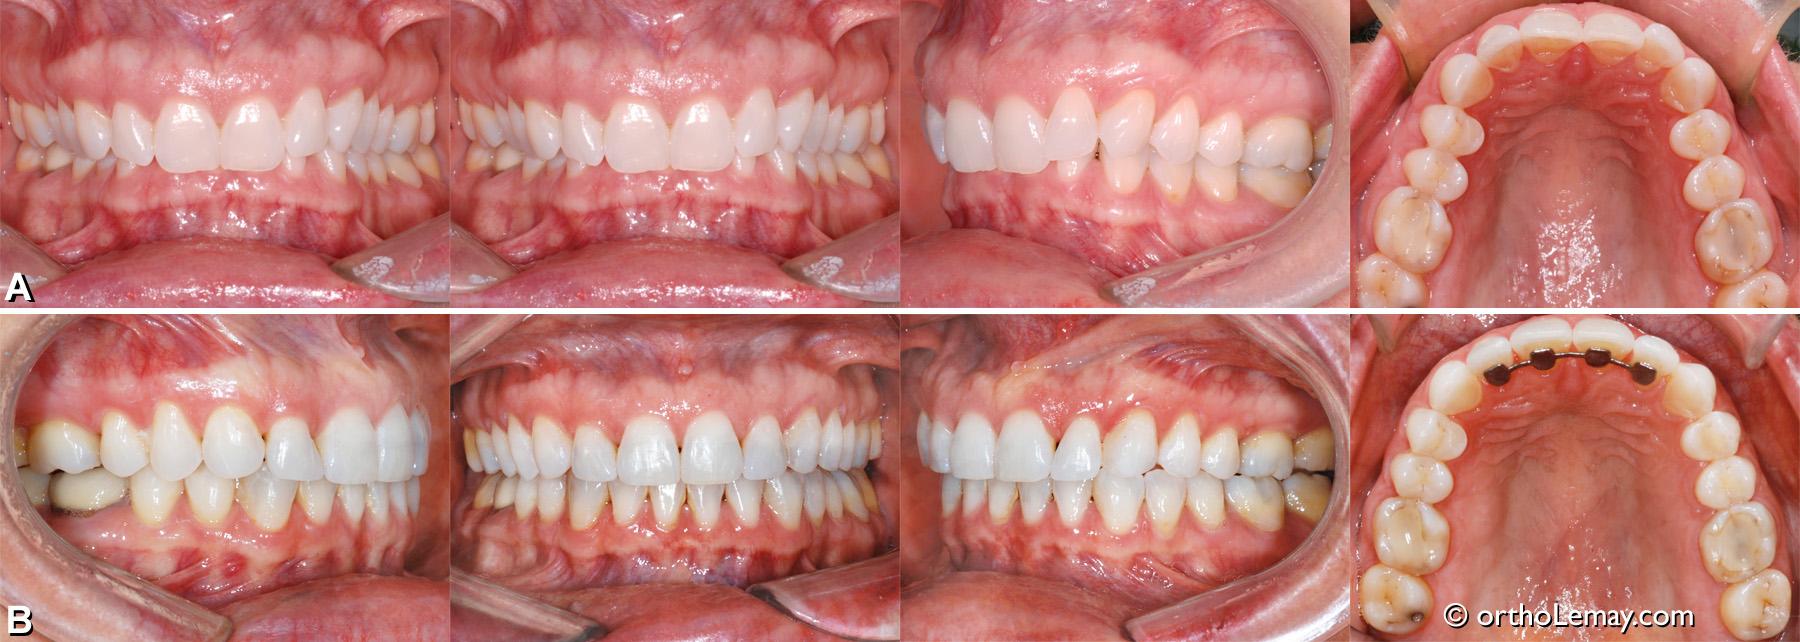 Sévère malocclusion dentaire classe II division 2 avec overbite à 100 % et incisives basculées vers l'intérieur. Traitement d'orthodontie sans extractions ou chirurgie